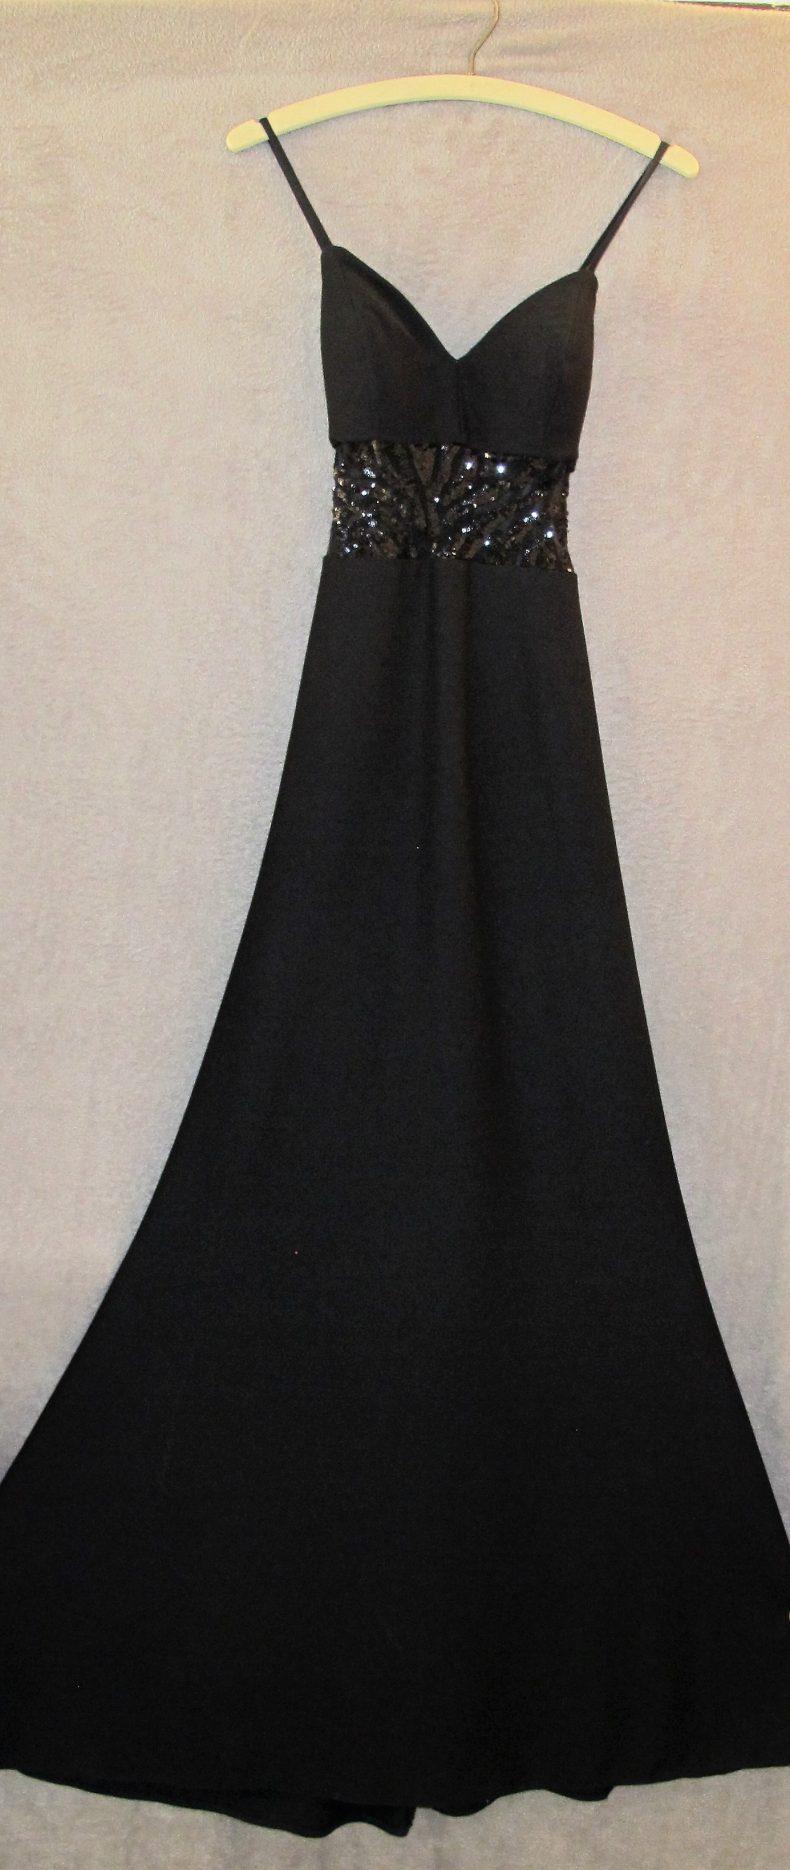 שמלת ערב ארוכה עם גב חשוף